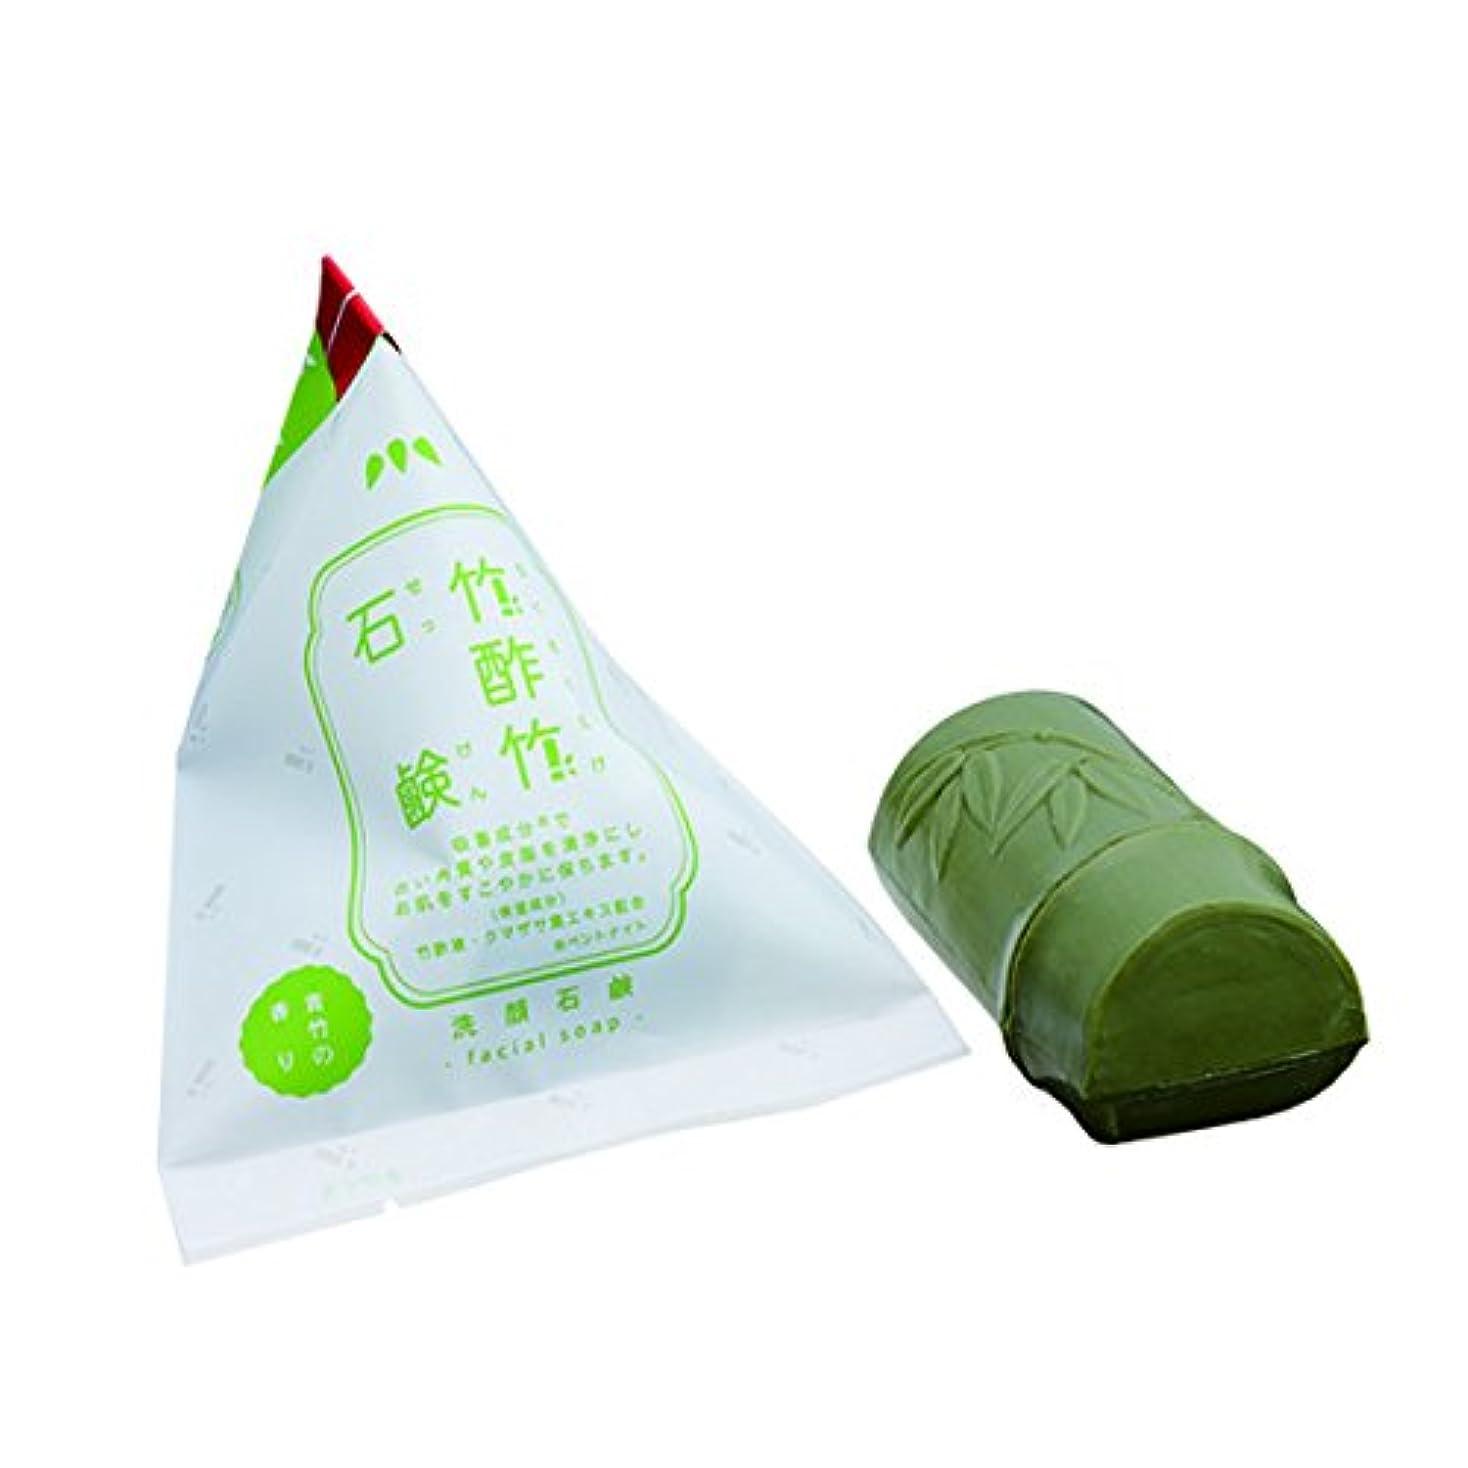 休憩報酬スチュワードフェニックス 化粧石けんAB(竹酢竹石鹸)標準重量120g